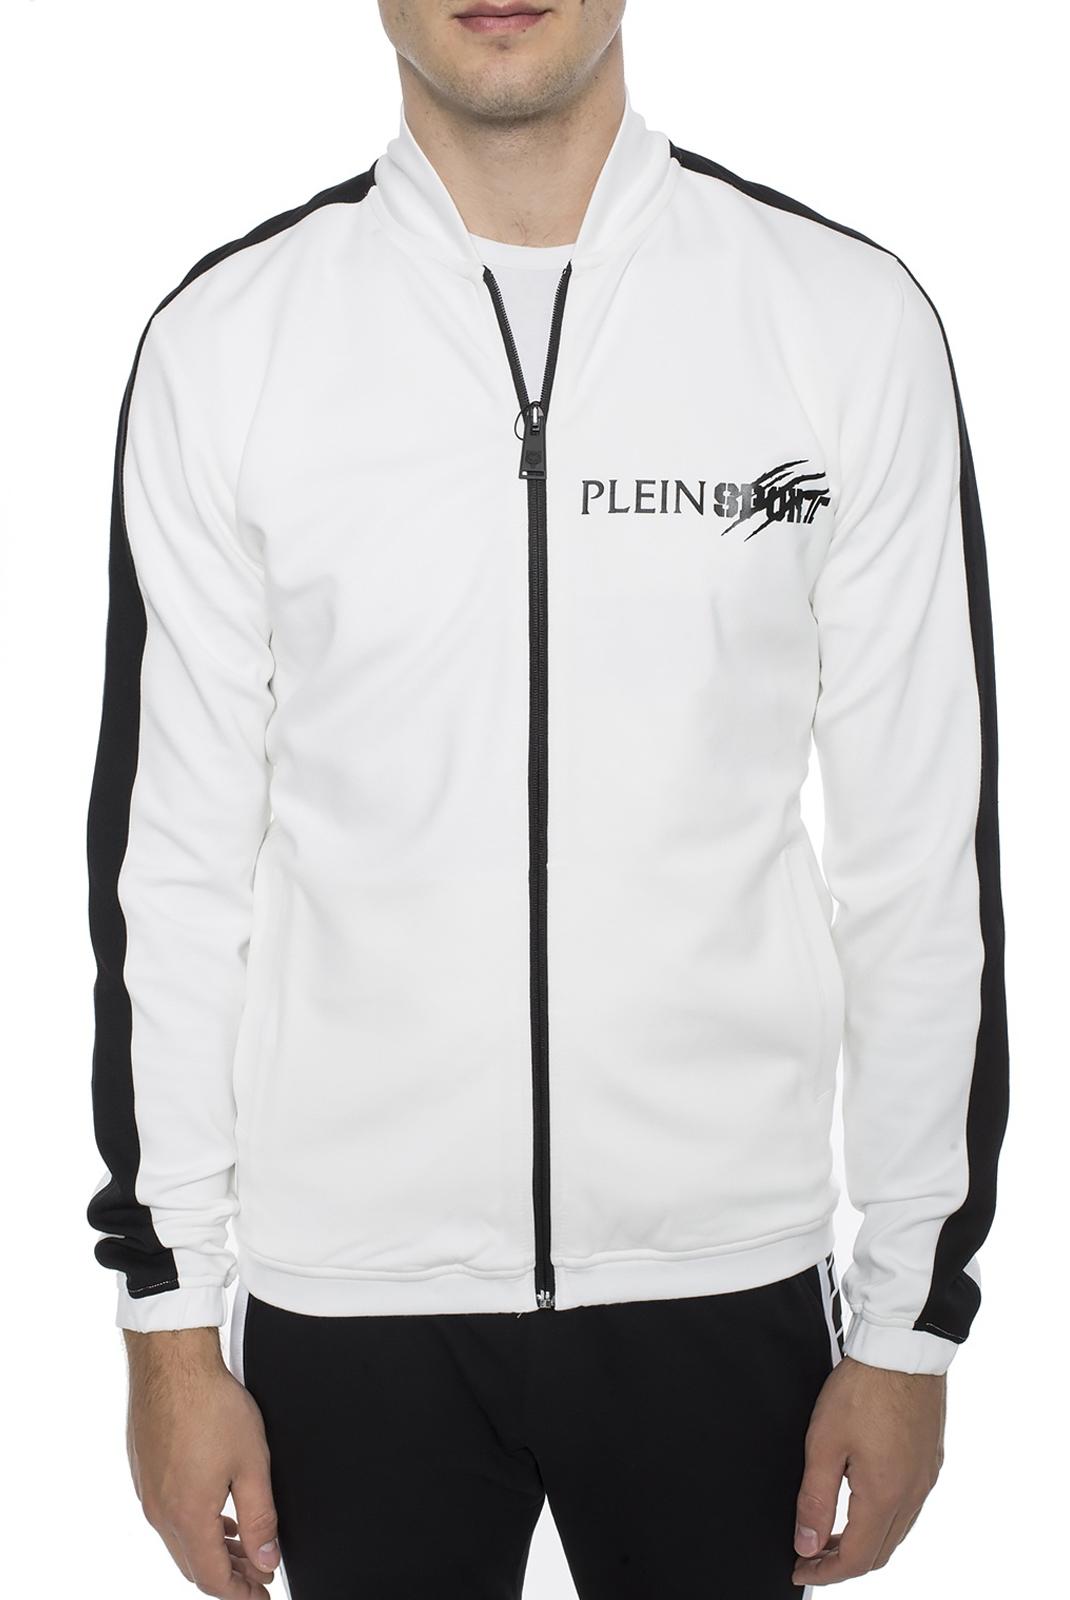 Vestes zippées  Plein Sport MJB0543 WHITE